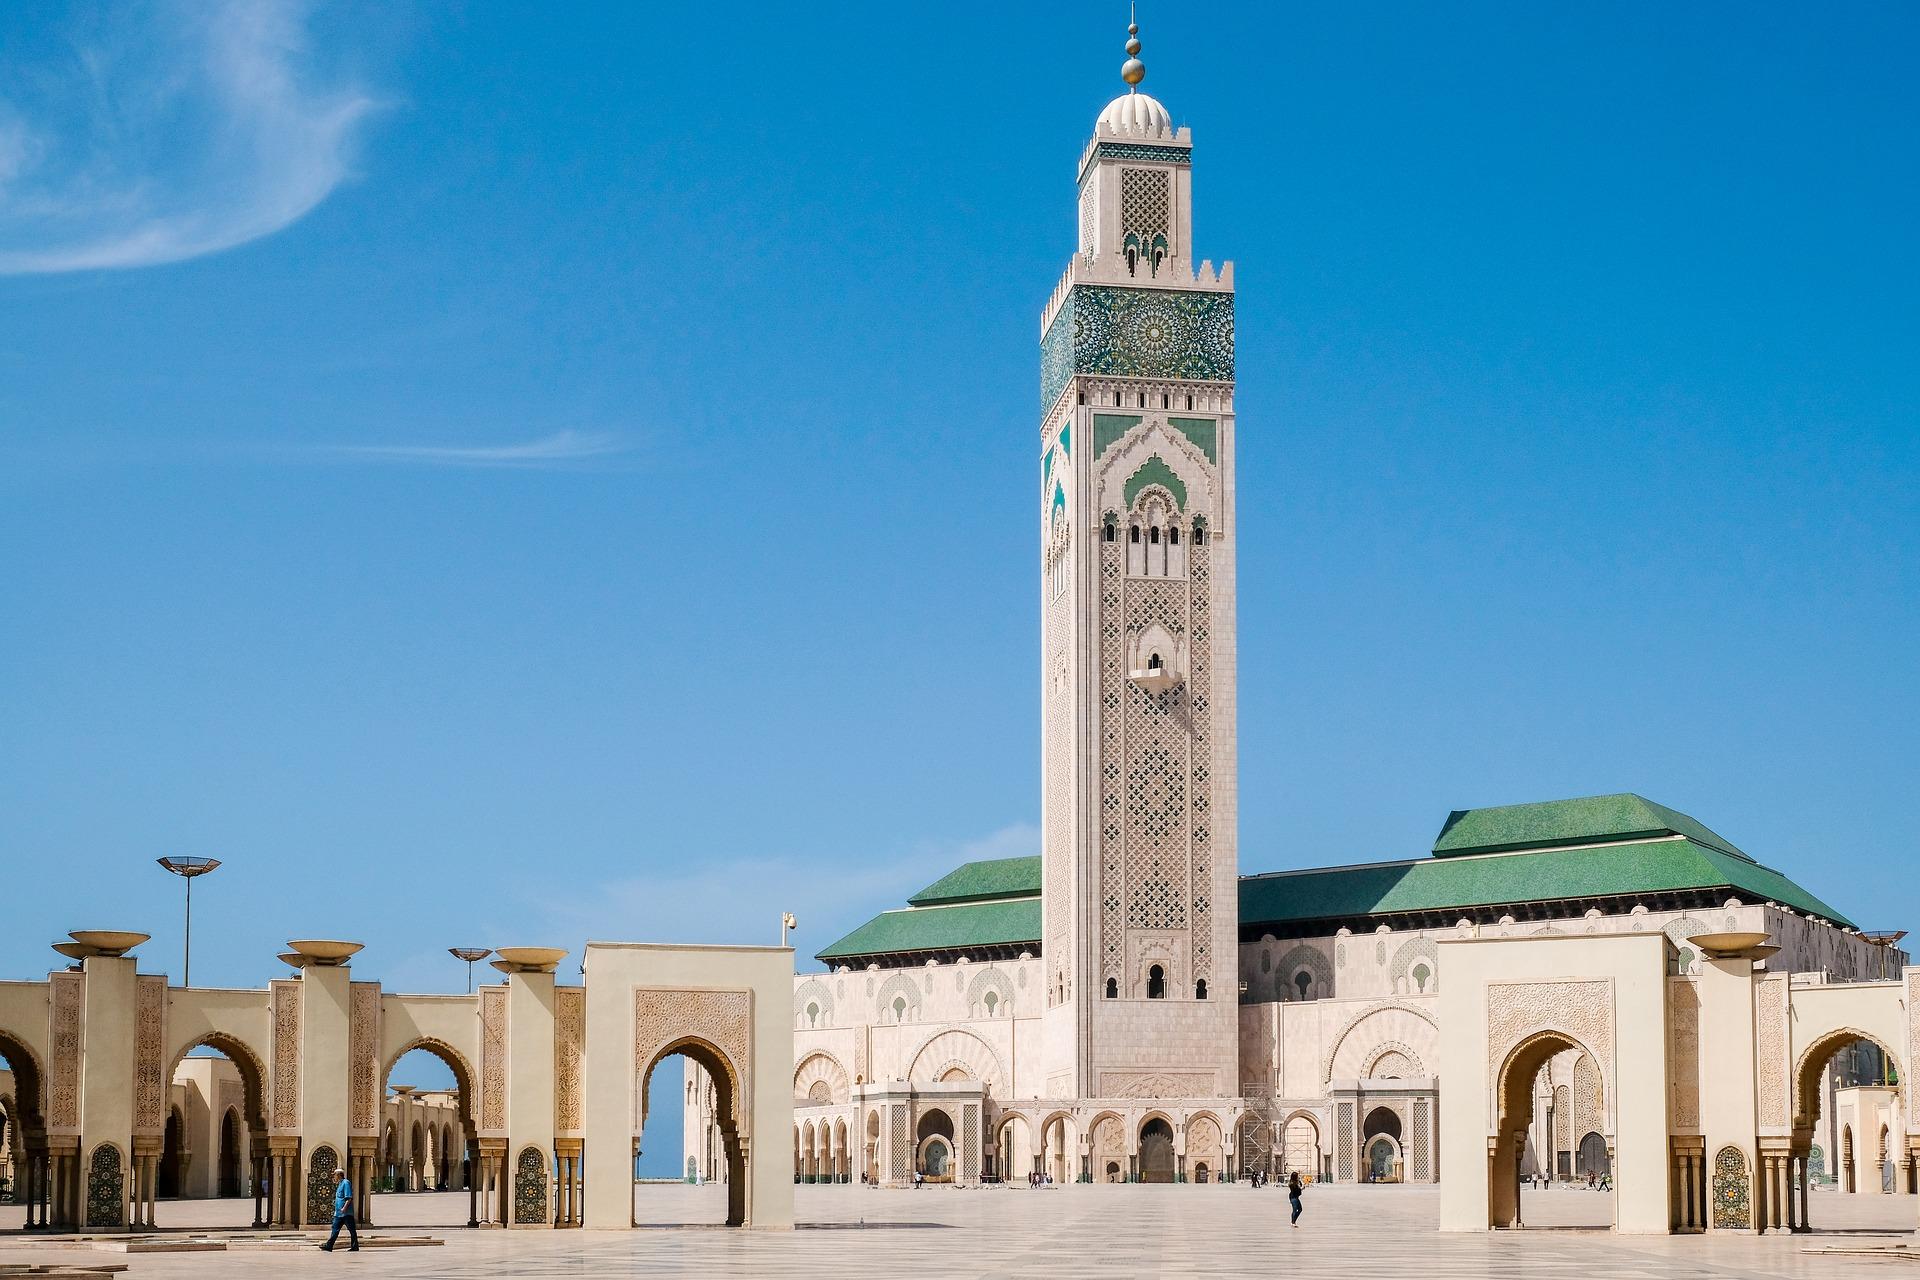 maroko-i-jego-skarby:-co-warto-zobaczyc-w-meknes?